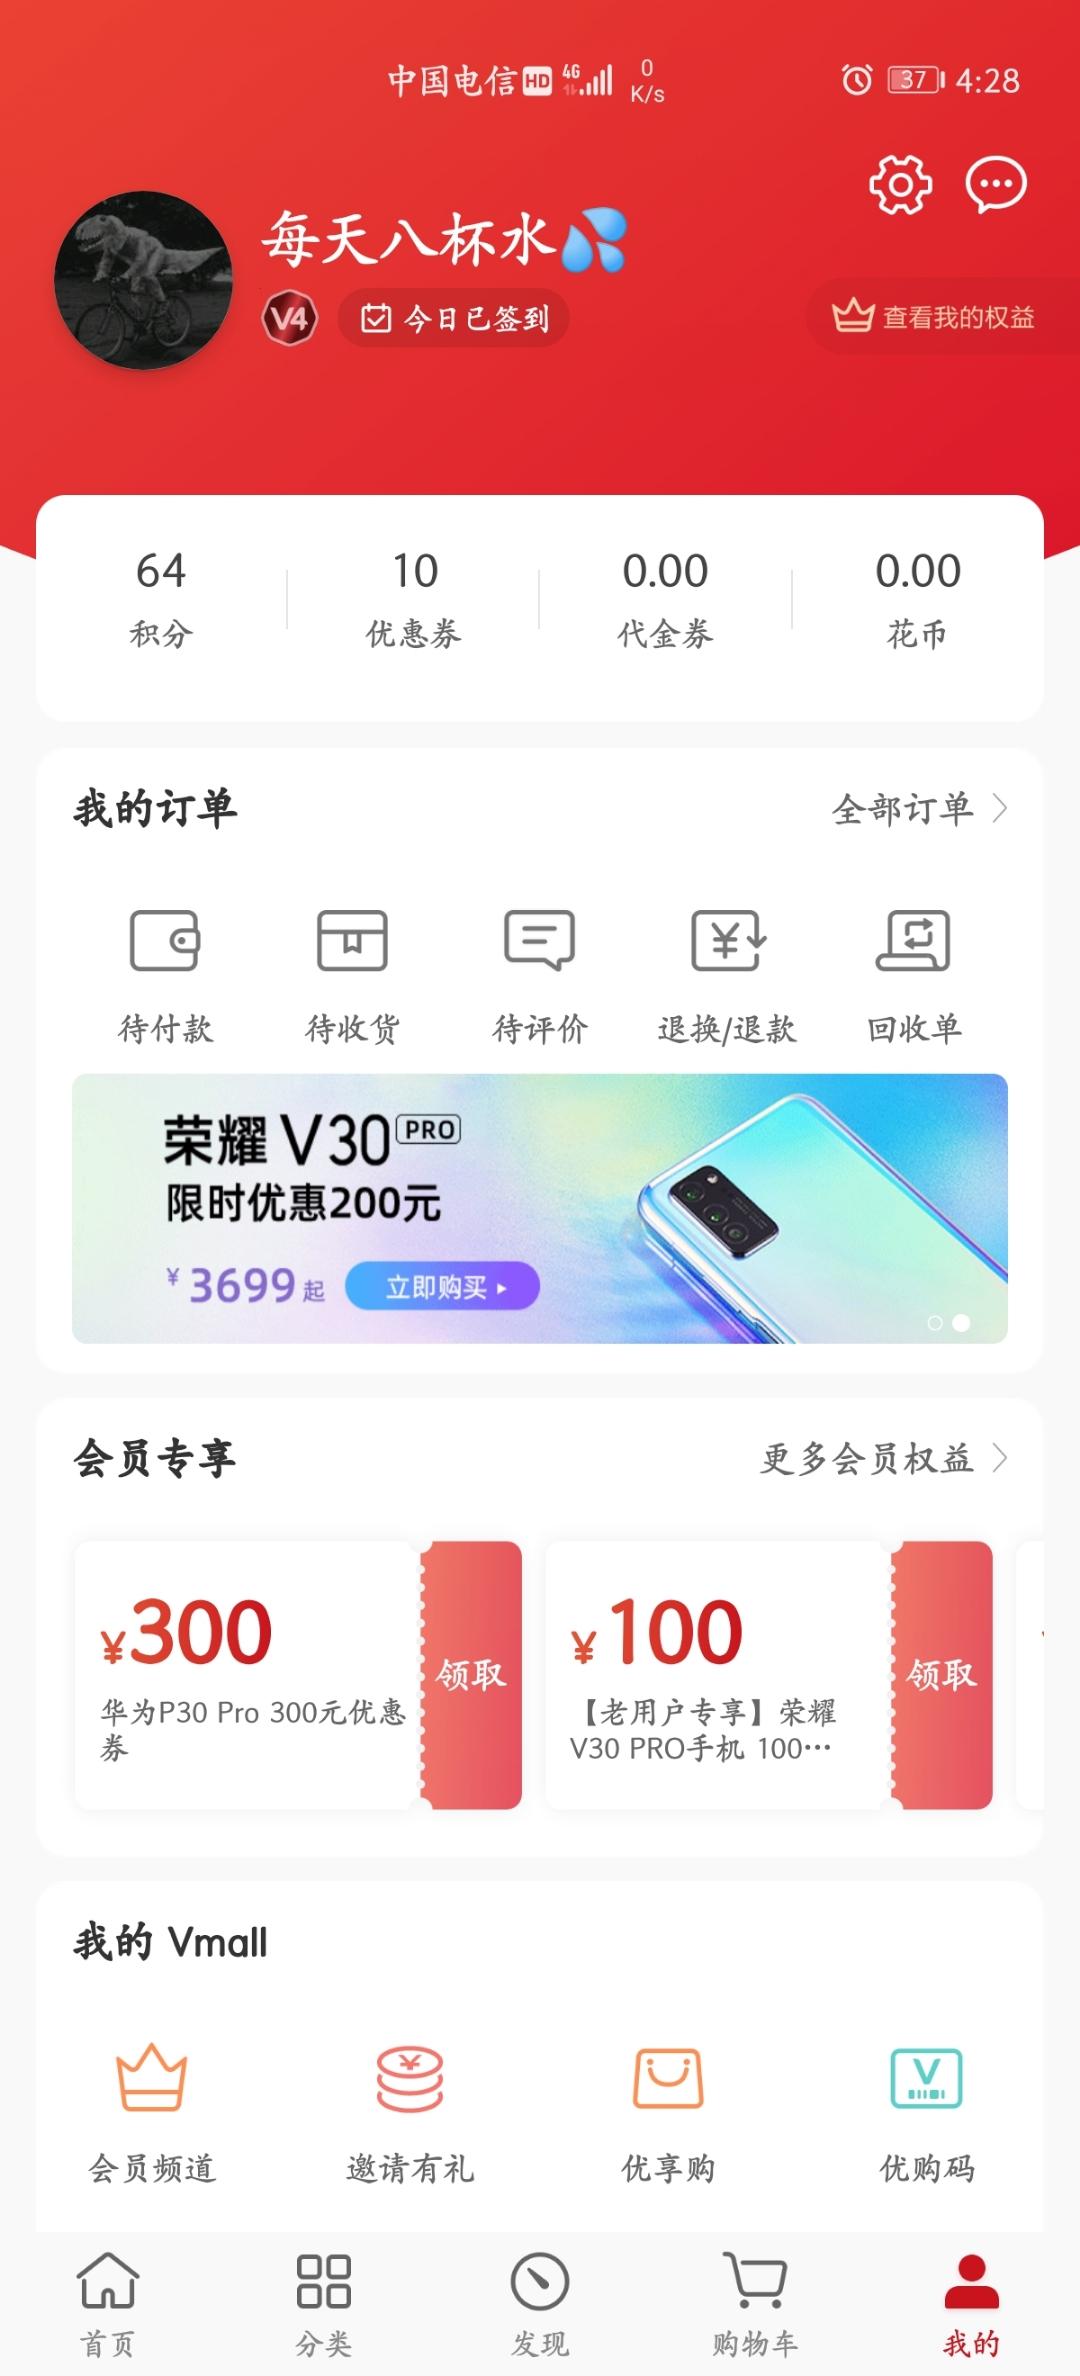 Screenshot_20200510_162834_com.vmall.client.jpg